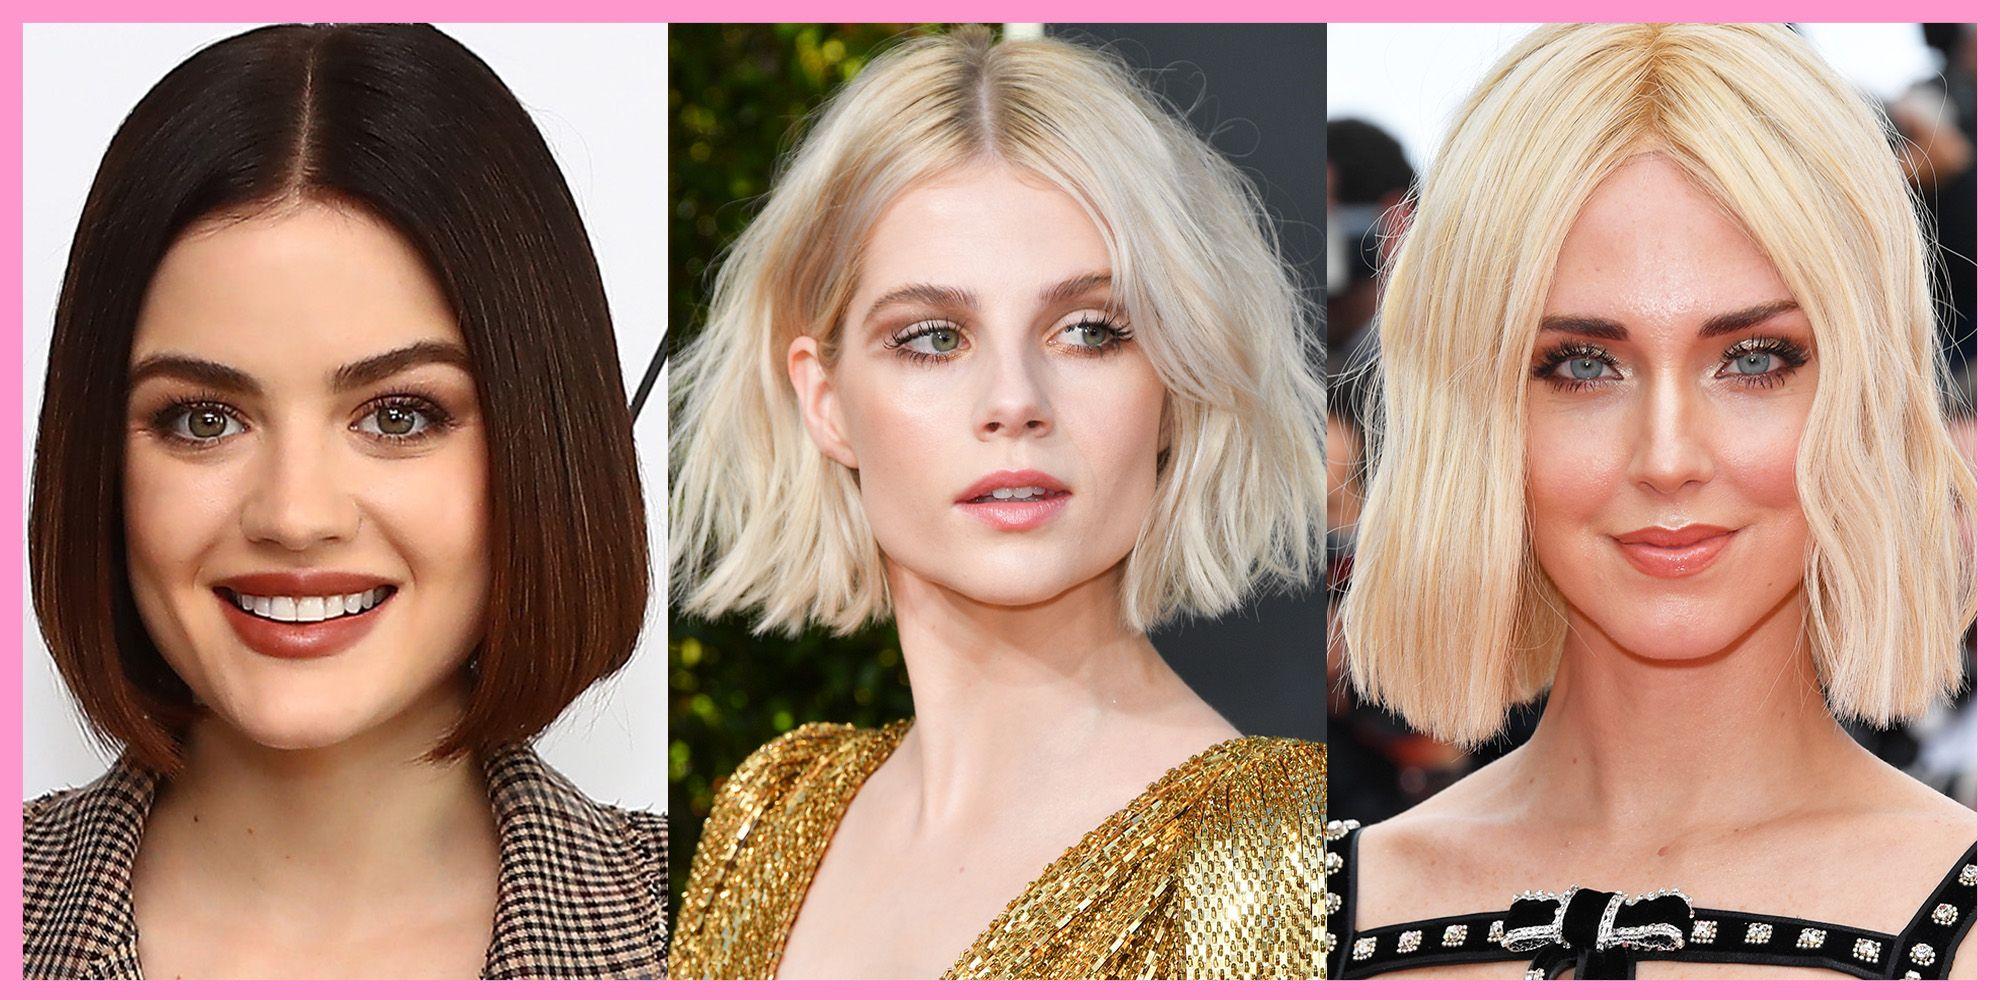 Taglio capelli corti 2019 donne foto online